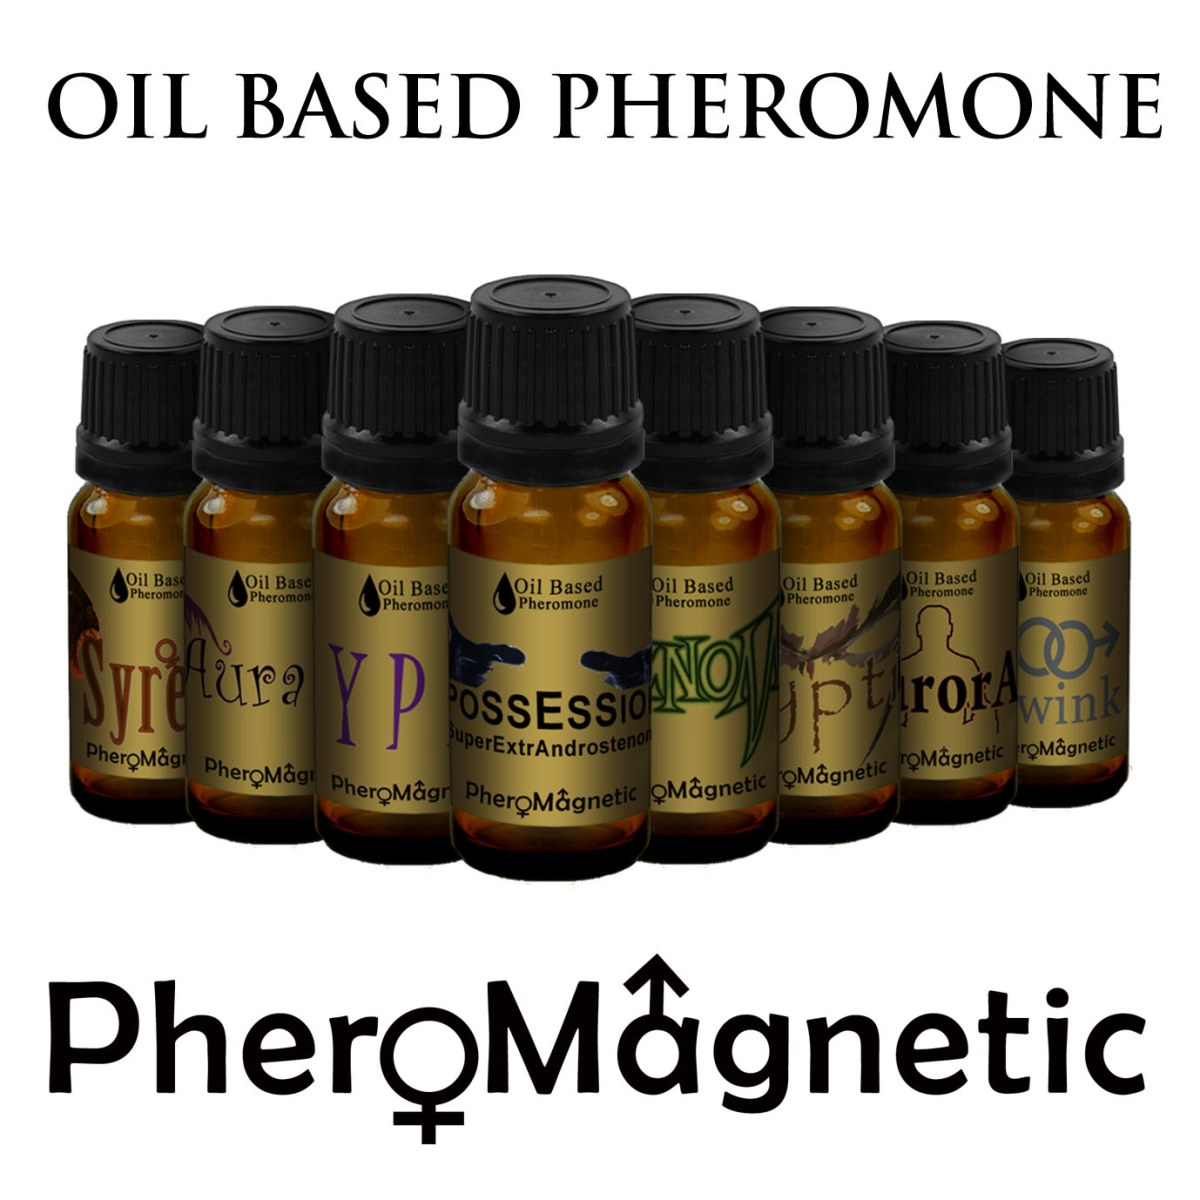 Parfum Pheromone Gue Pheromagnetic Bandung Pemikat Hati Wanita Pheromen Kami Menawarkan Lini Produk Berbasis Oil Untuk Memanfaatkan Fungsi Kognitif Larutan Pada Umumnya Yang Bersifat Kental Dan Tidak Mudah Menguap